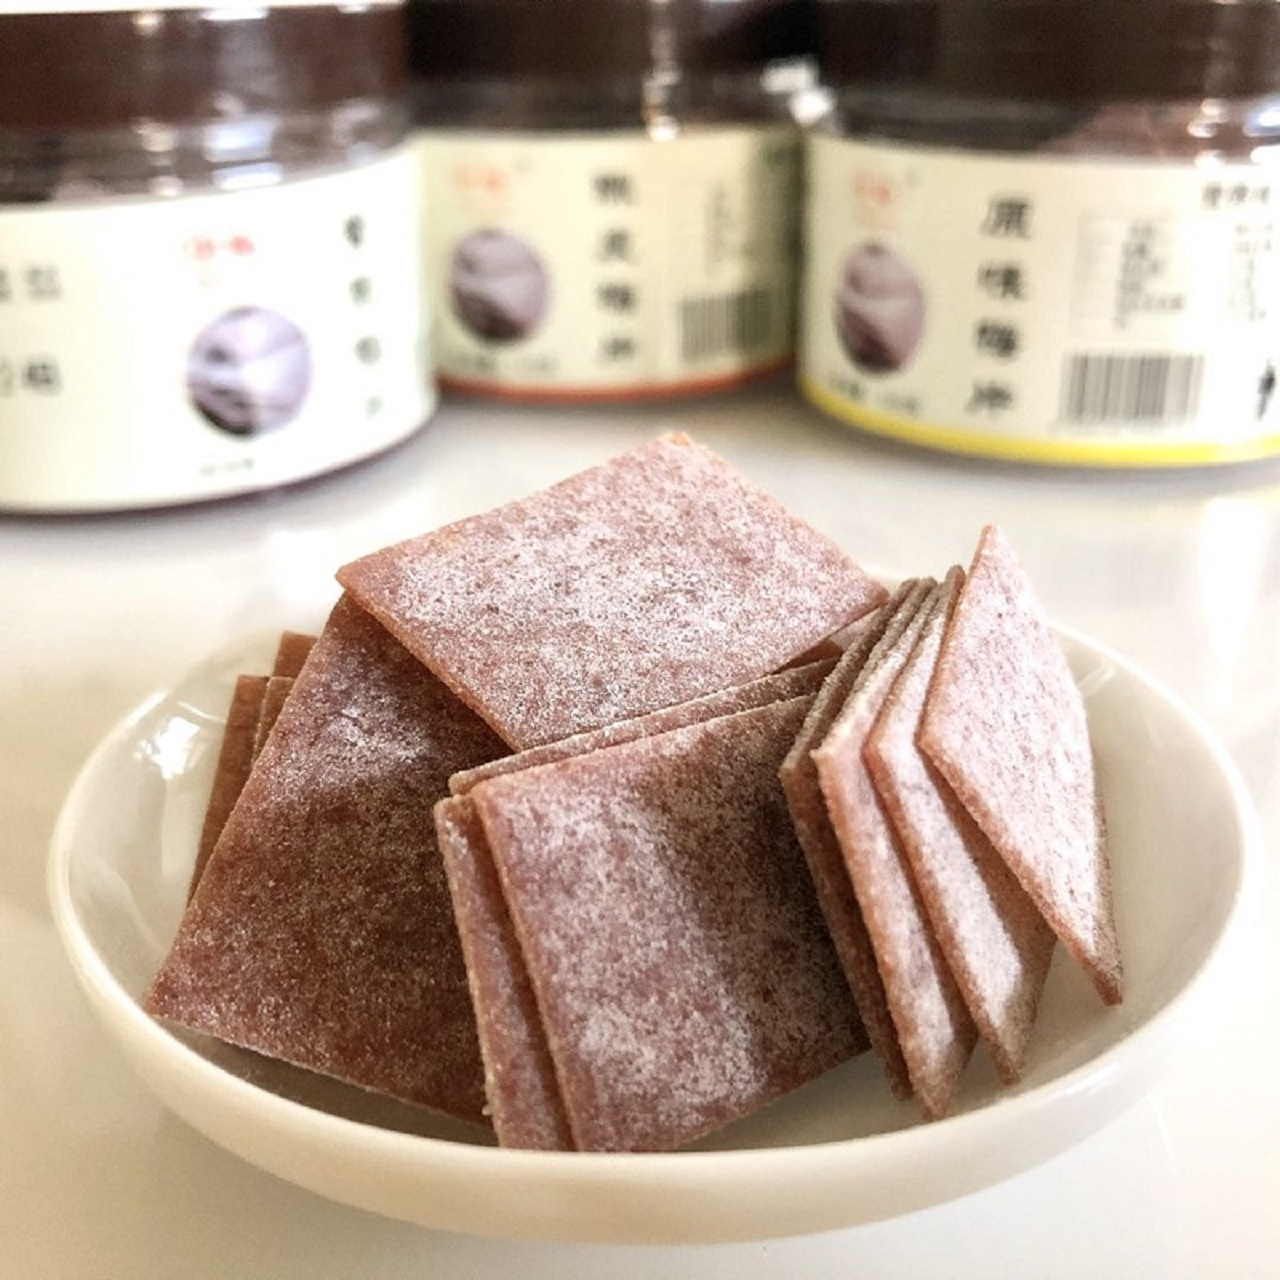 日式梅片陈皮梅片紫苏梅片125g酸甜话梅青梅片干出口品质休闲零食